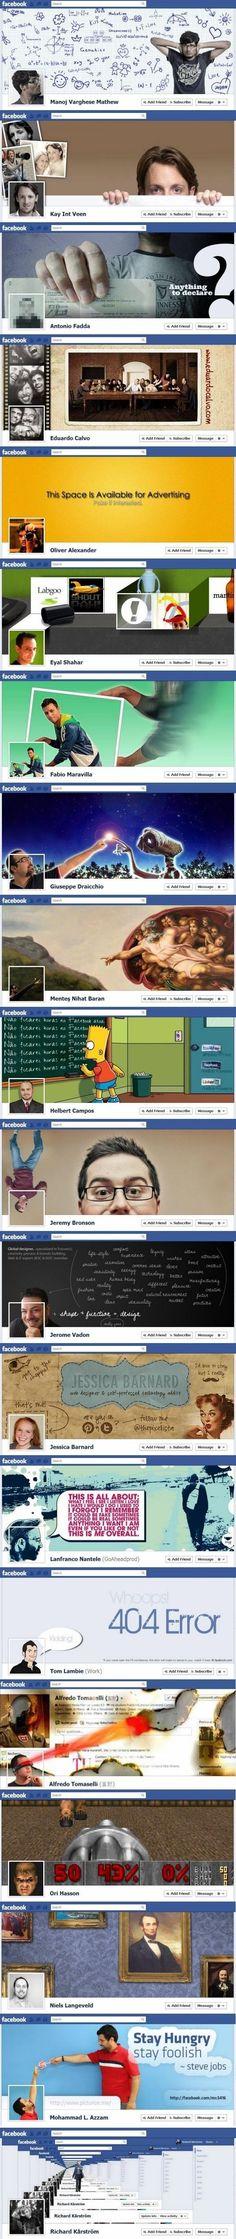 #Facebook #LOL top facebook cover photo